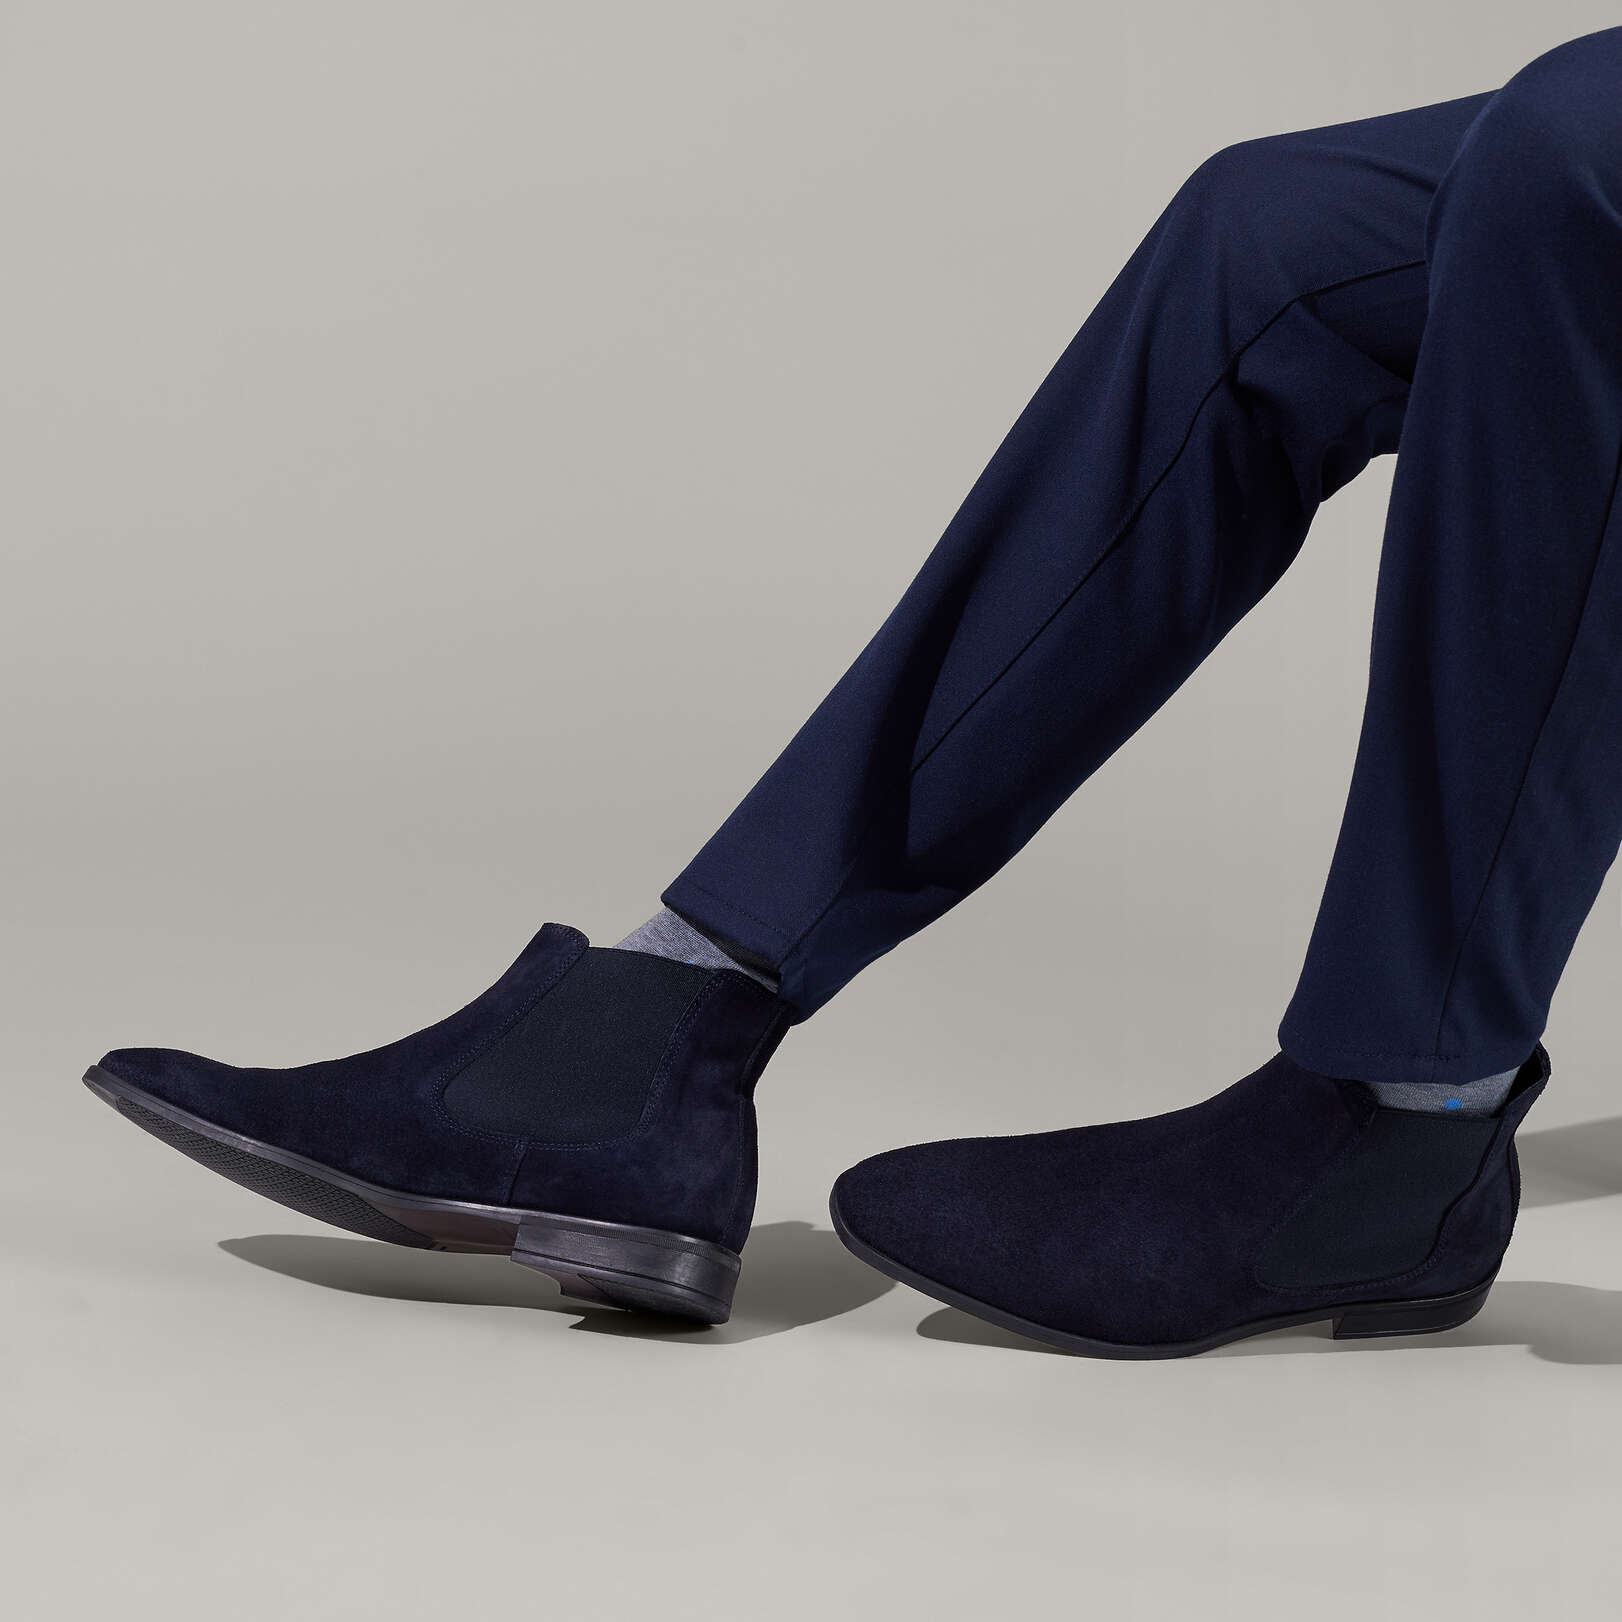 FREDERICK - KURT GEIGER LONDON Boots